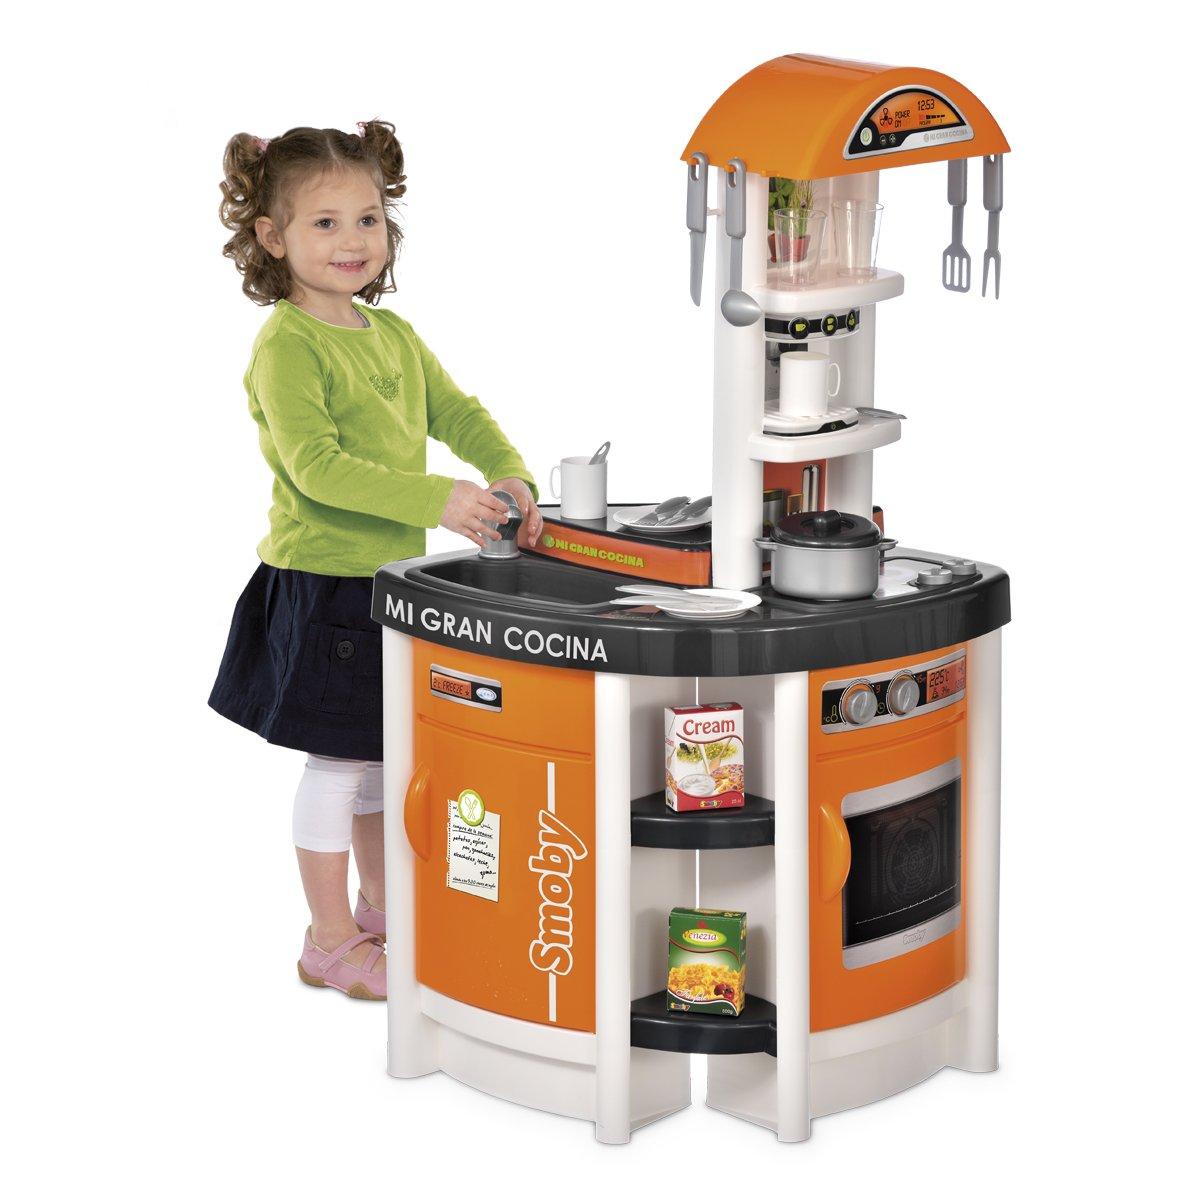 Smoby - Mi Gran Cocina (311009): Amazon.es: Juguetes y juegos